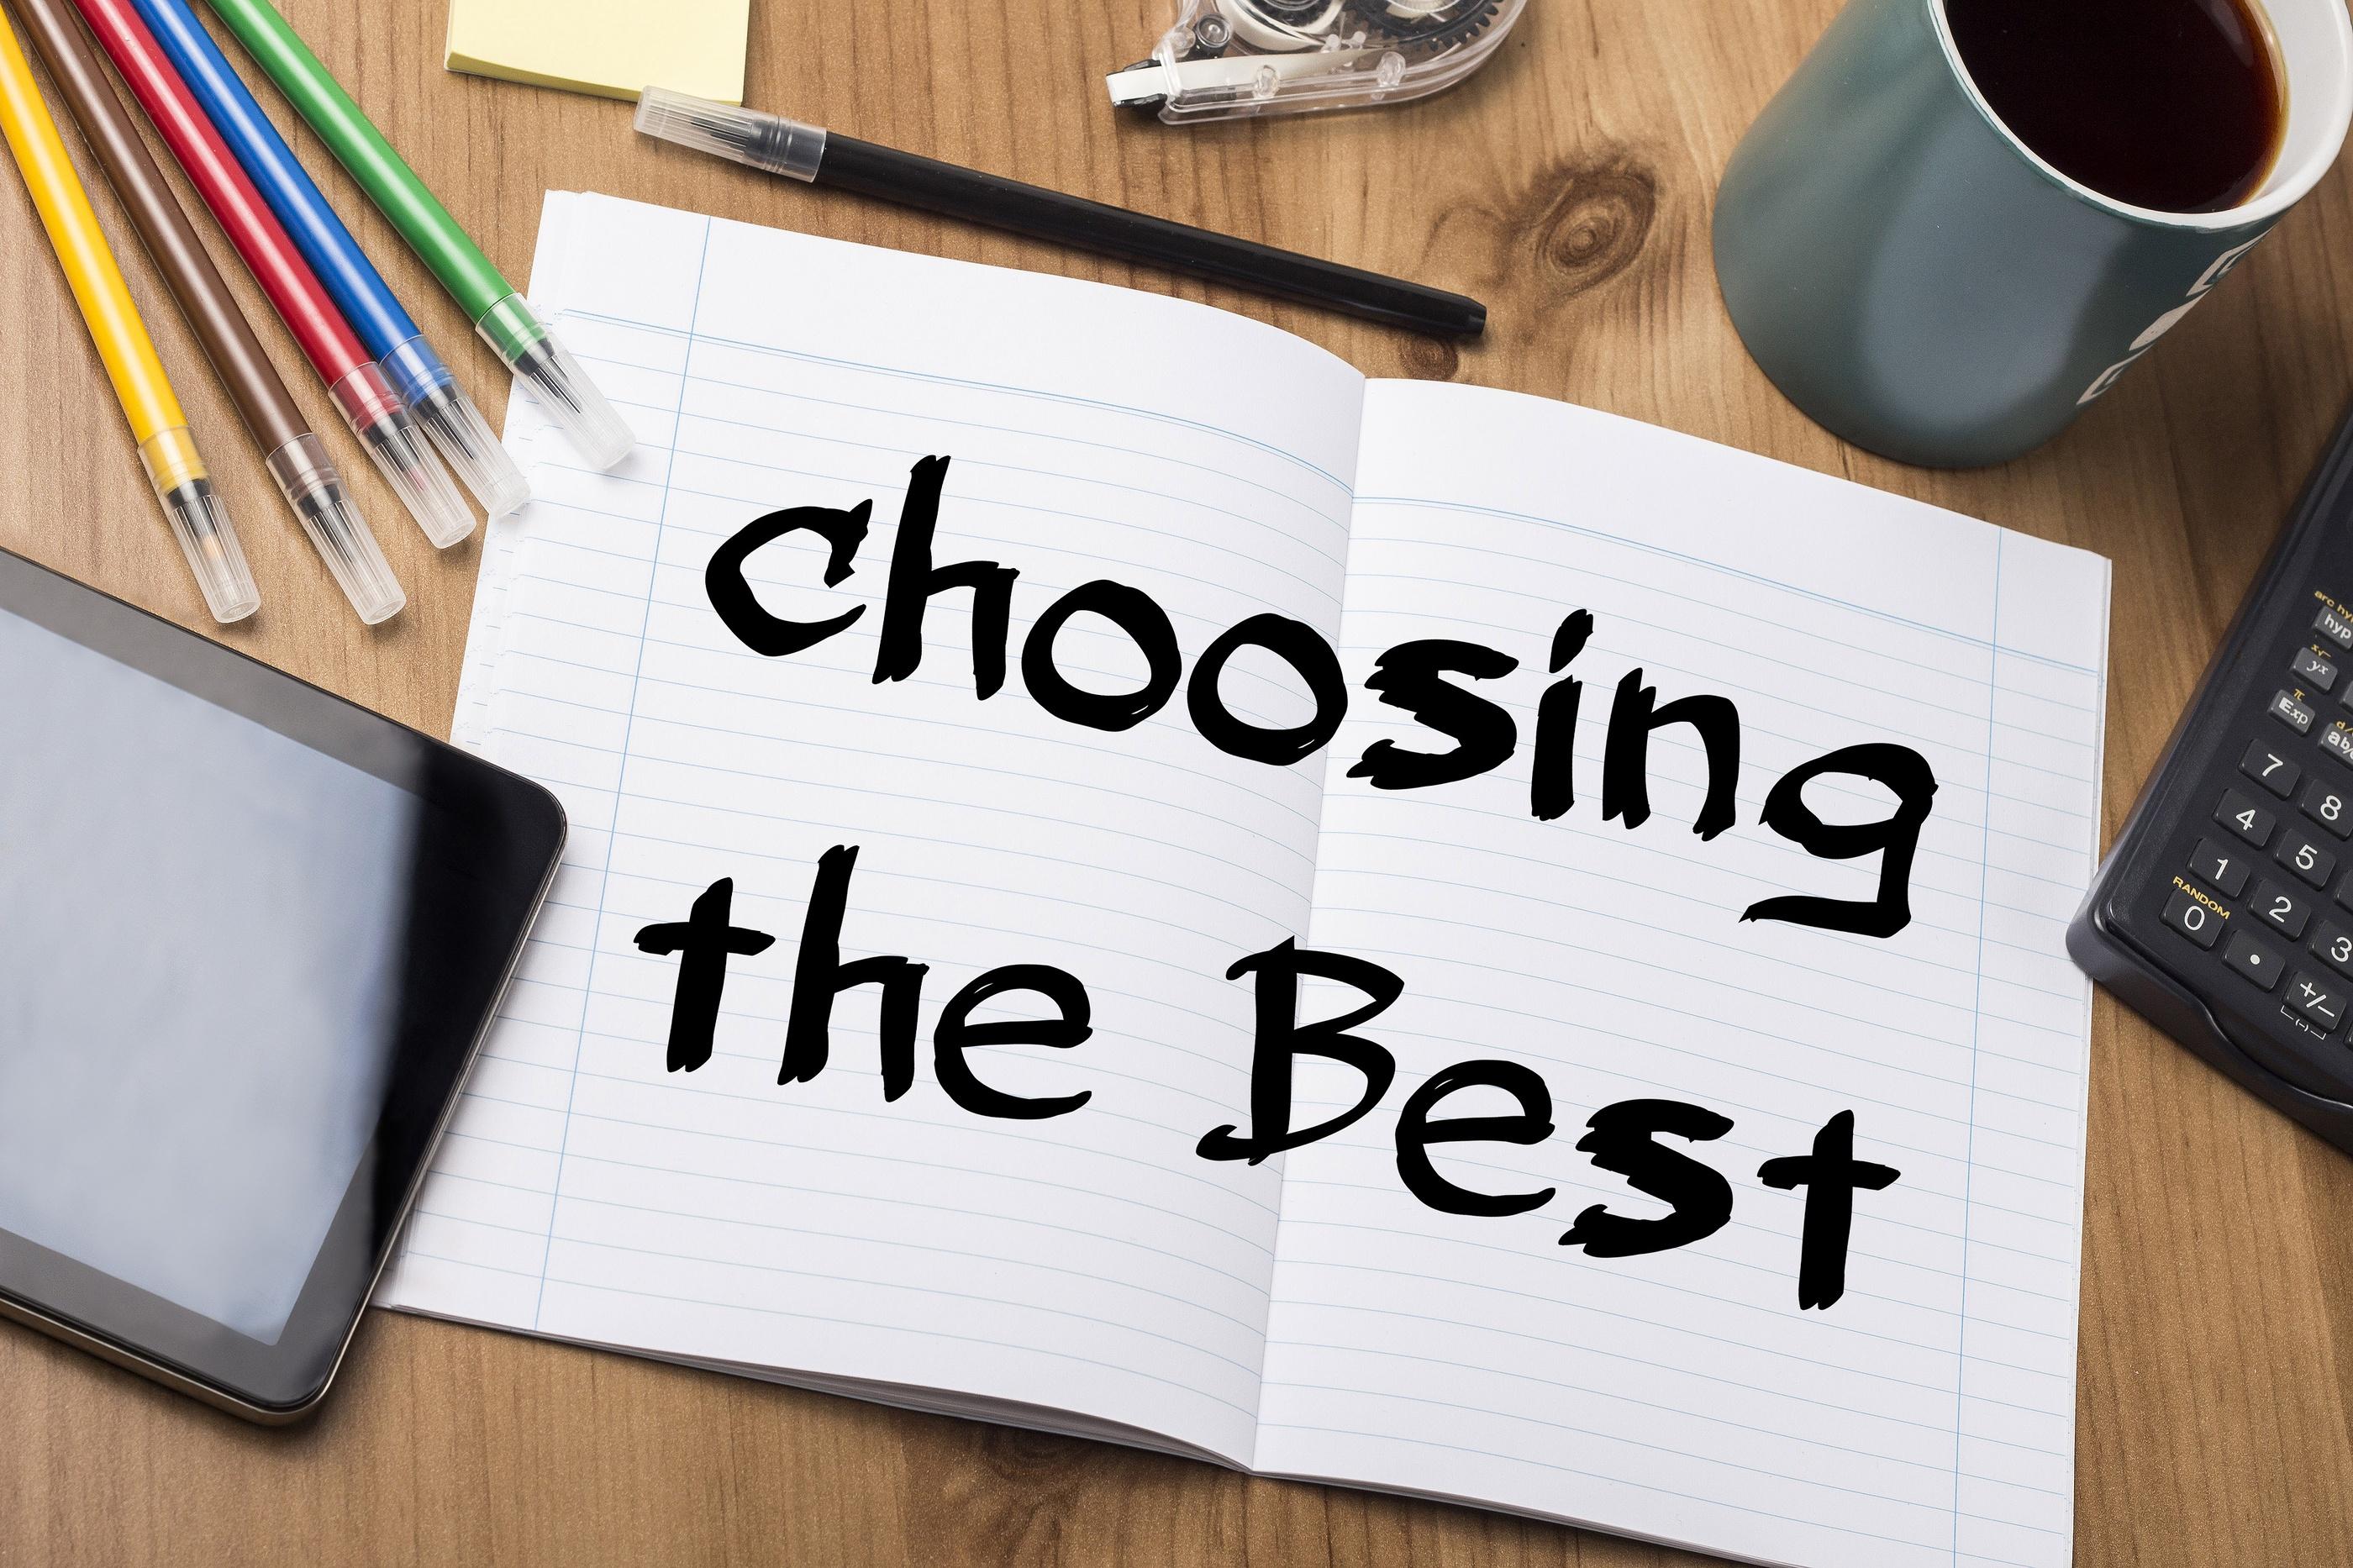 bigstock-Choosing-The-Best--Note-Pad-W-119091848.jpg